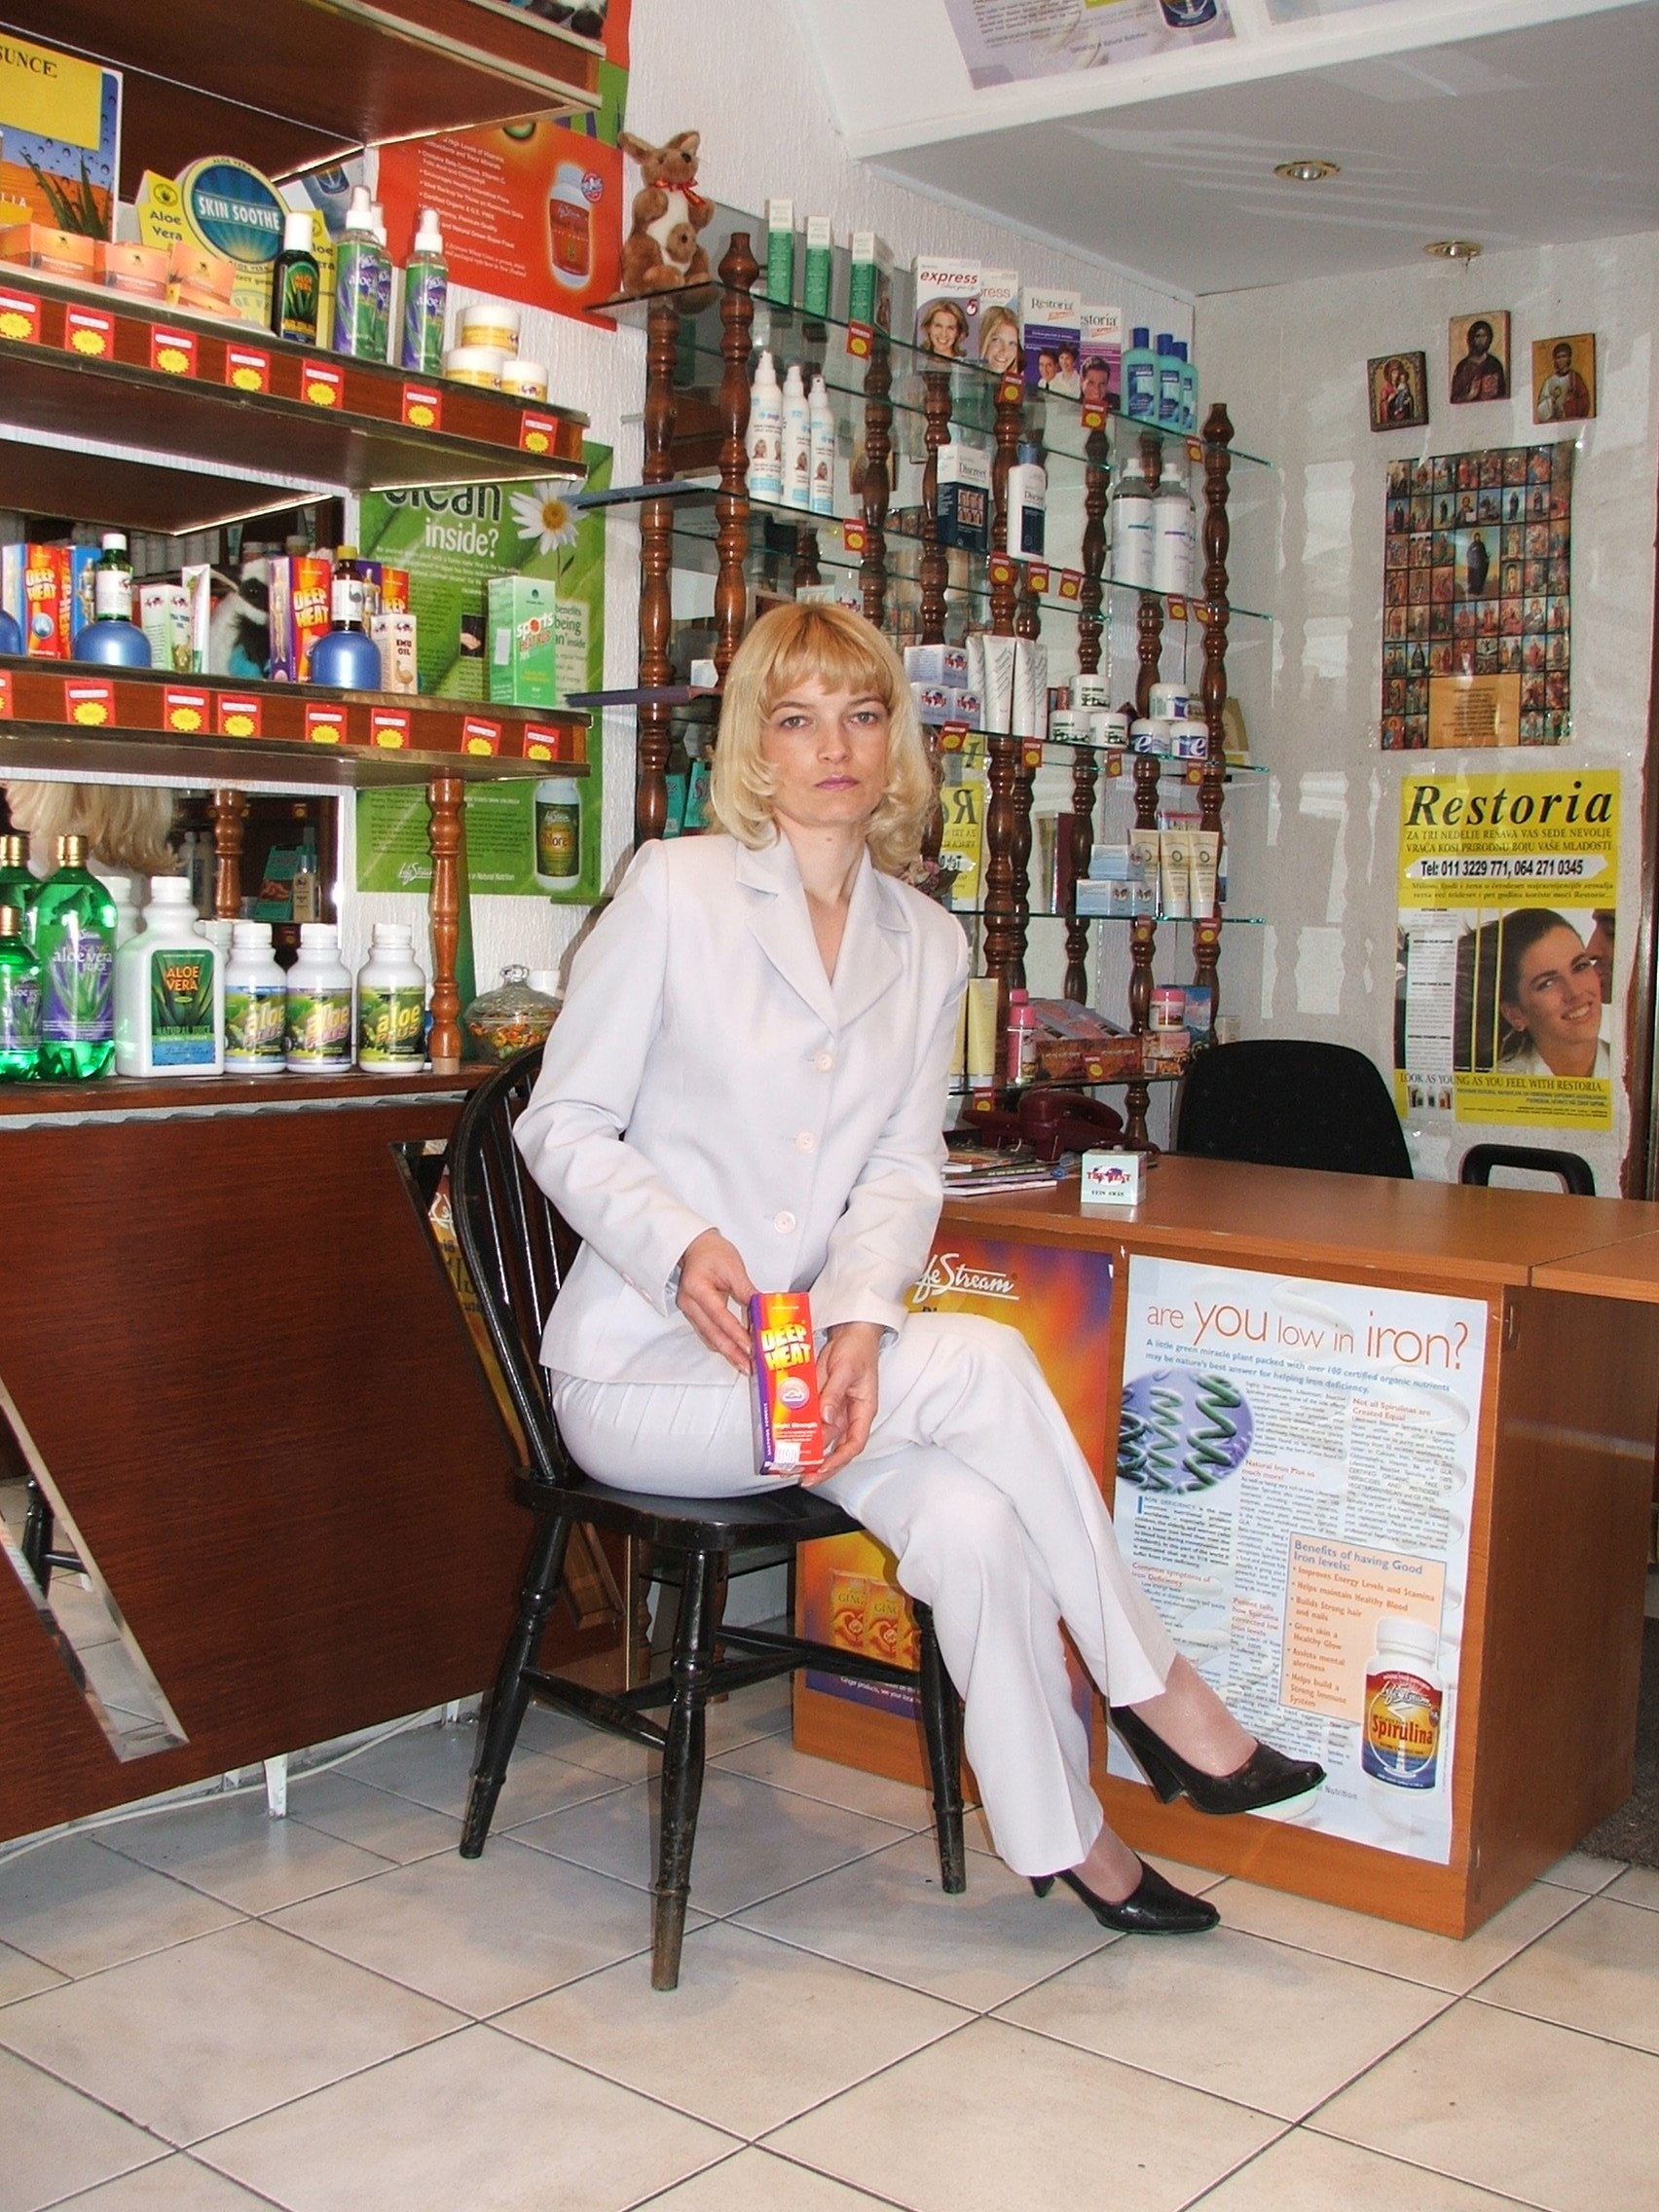 Viagra venta libre ecuador